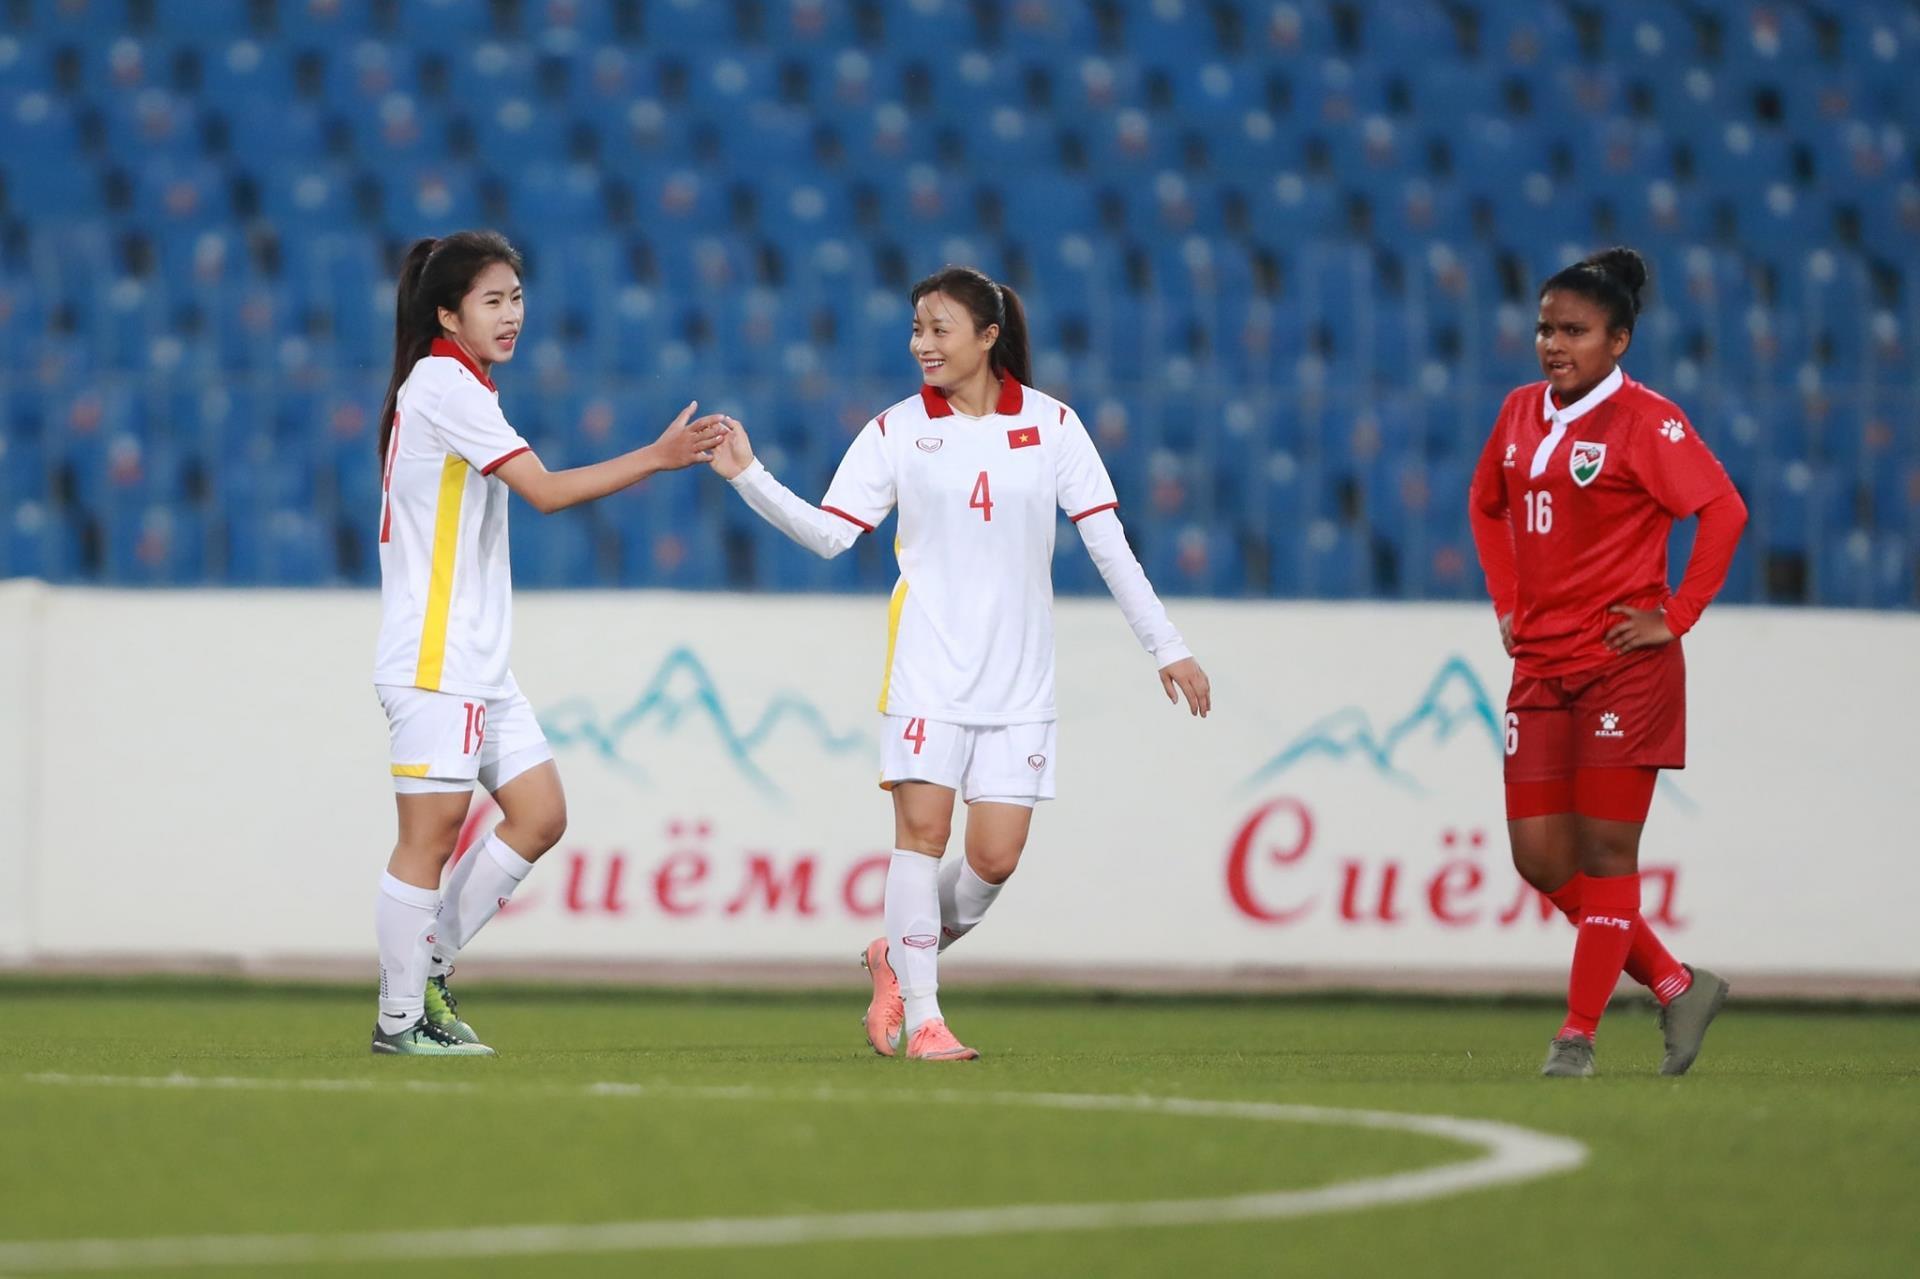 Tuyển nữ Việt Nam thắng 16-0 trận mở màn vòng loại Asian Cup 2022 - 1